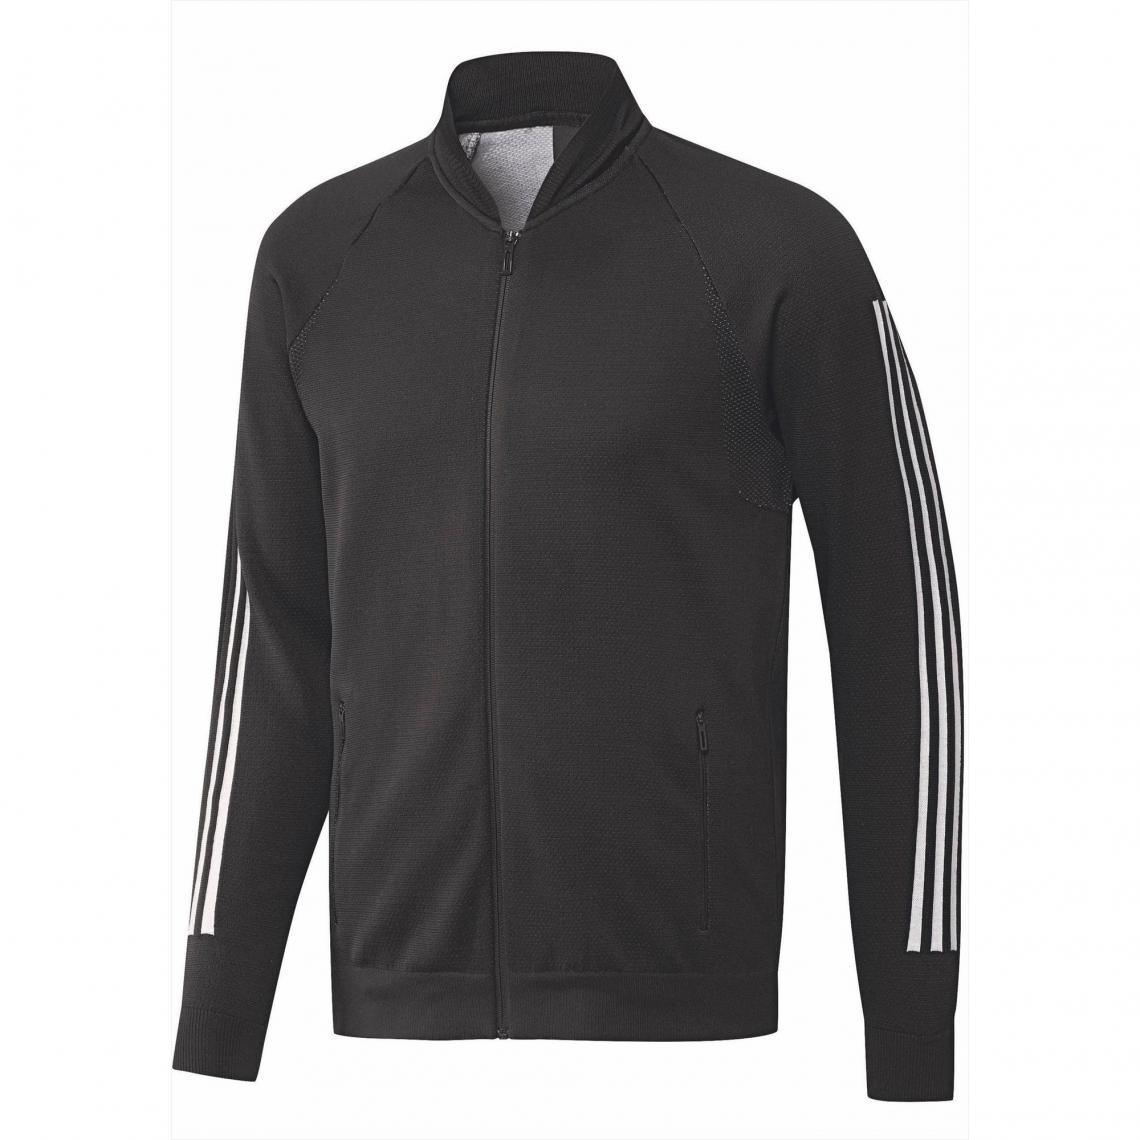 e59f9281ec0 Veste de survêtement zippée homme ID Knit Bomber adidas Performance - Noir  - Blanc Adidas Performance